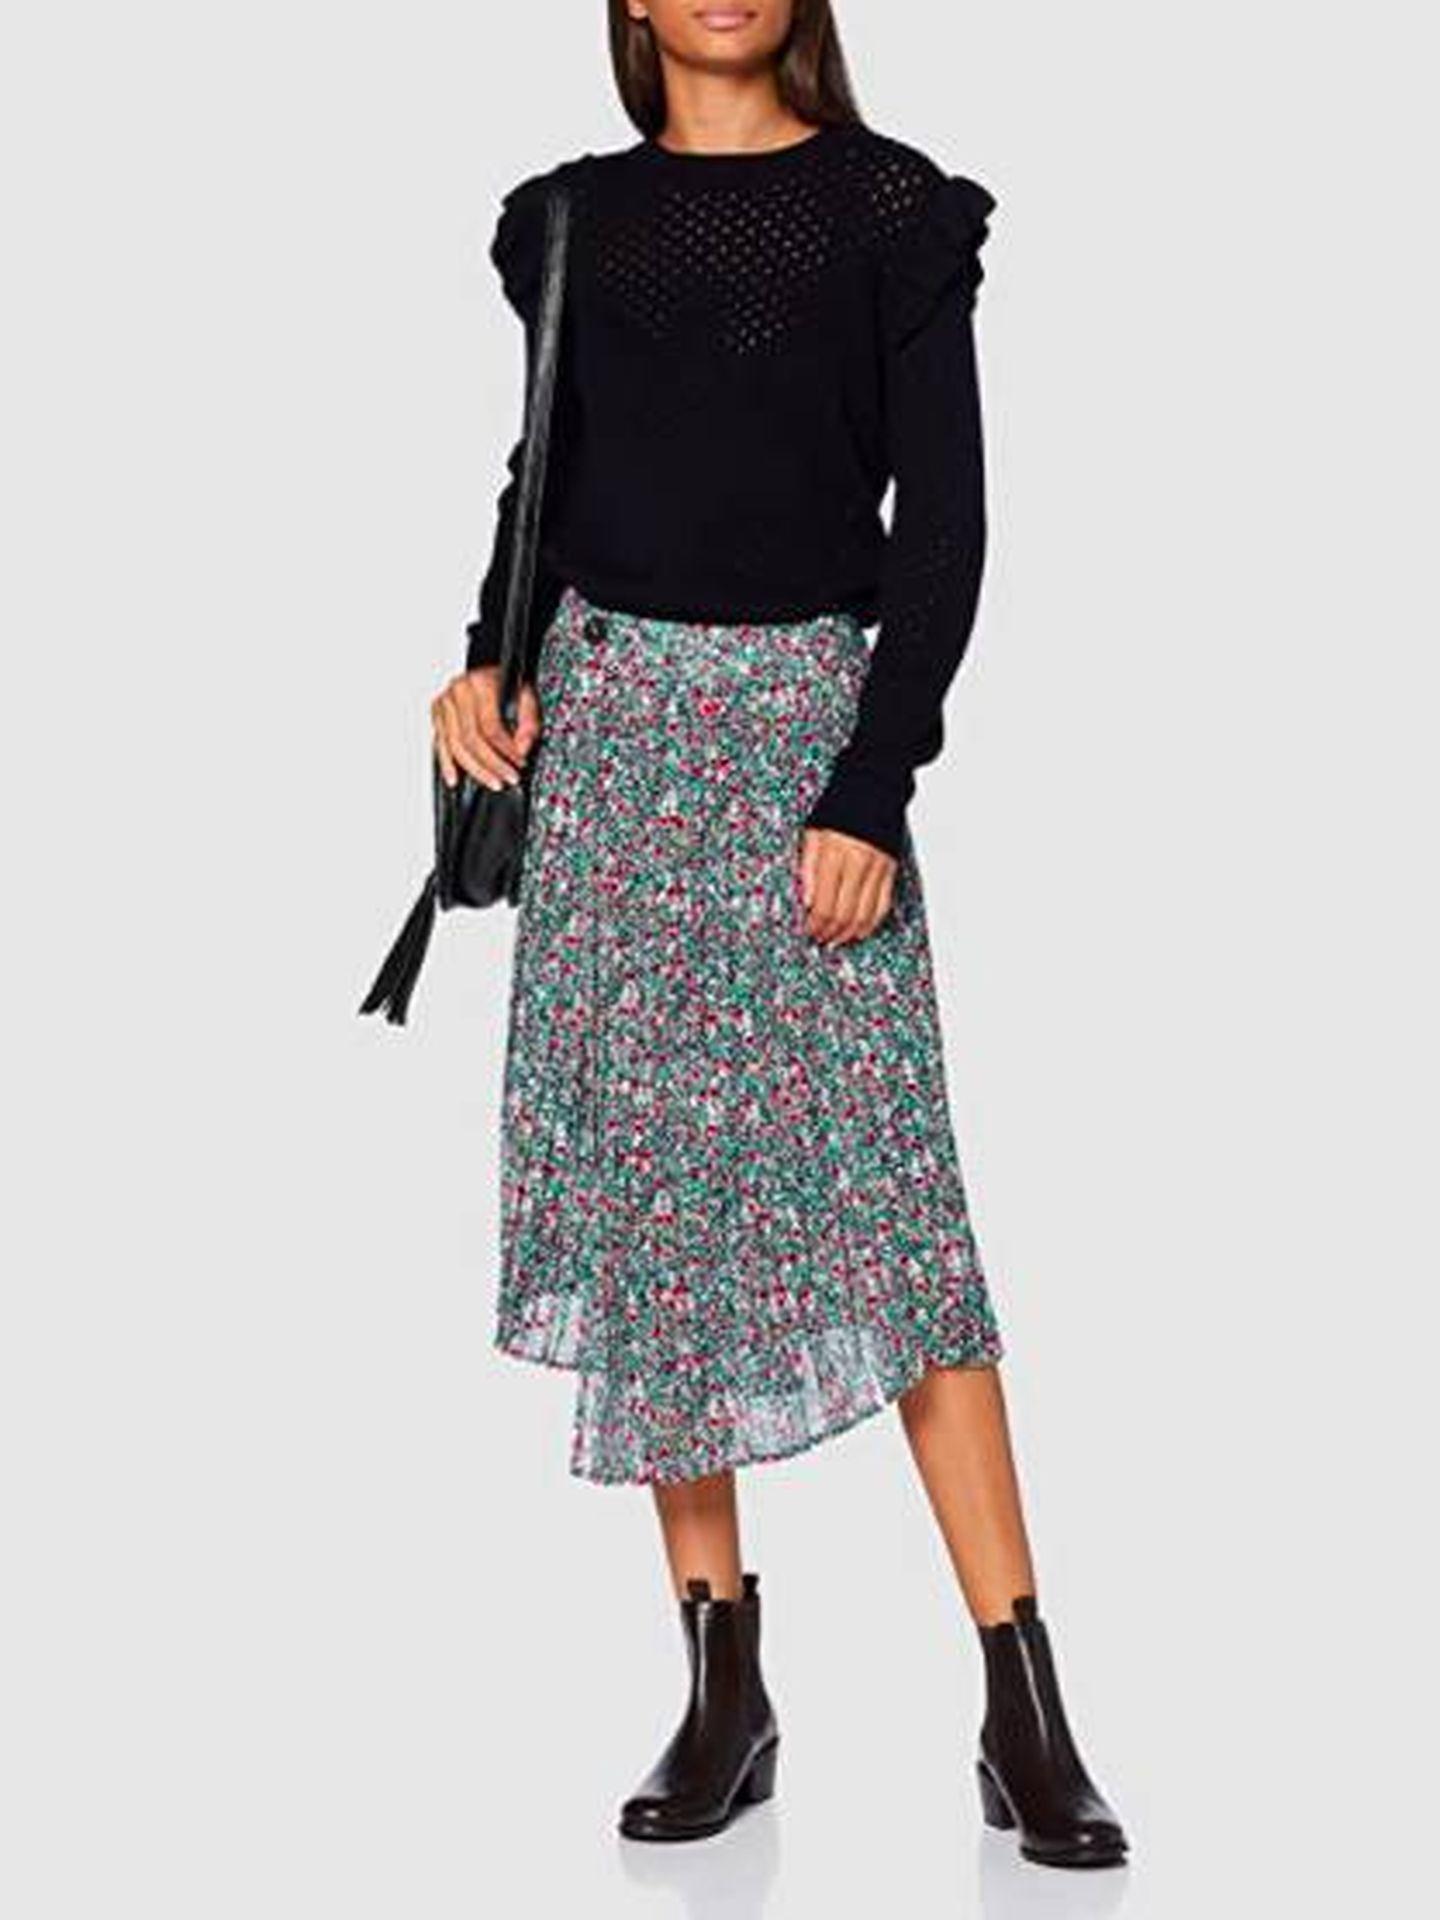 Falda de Pepe Jeans. (Cortesía)